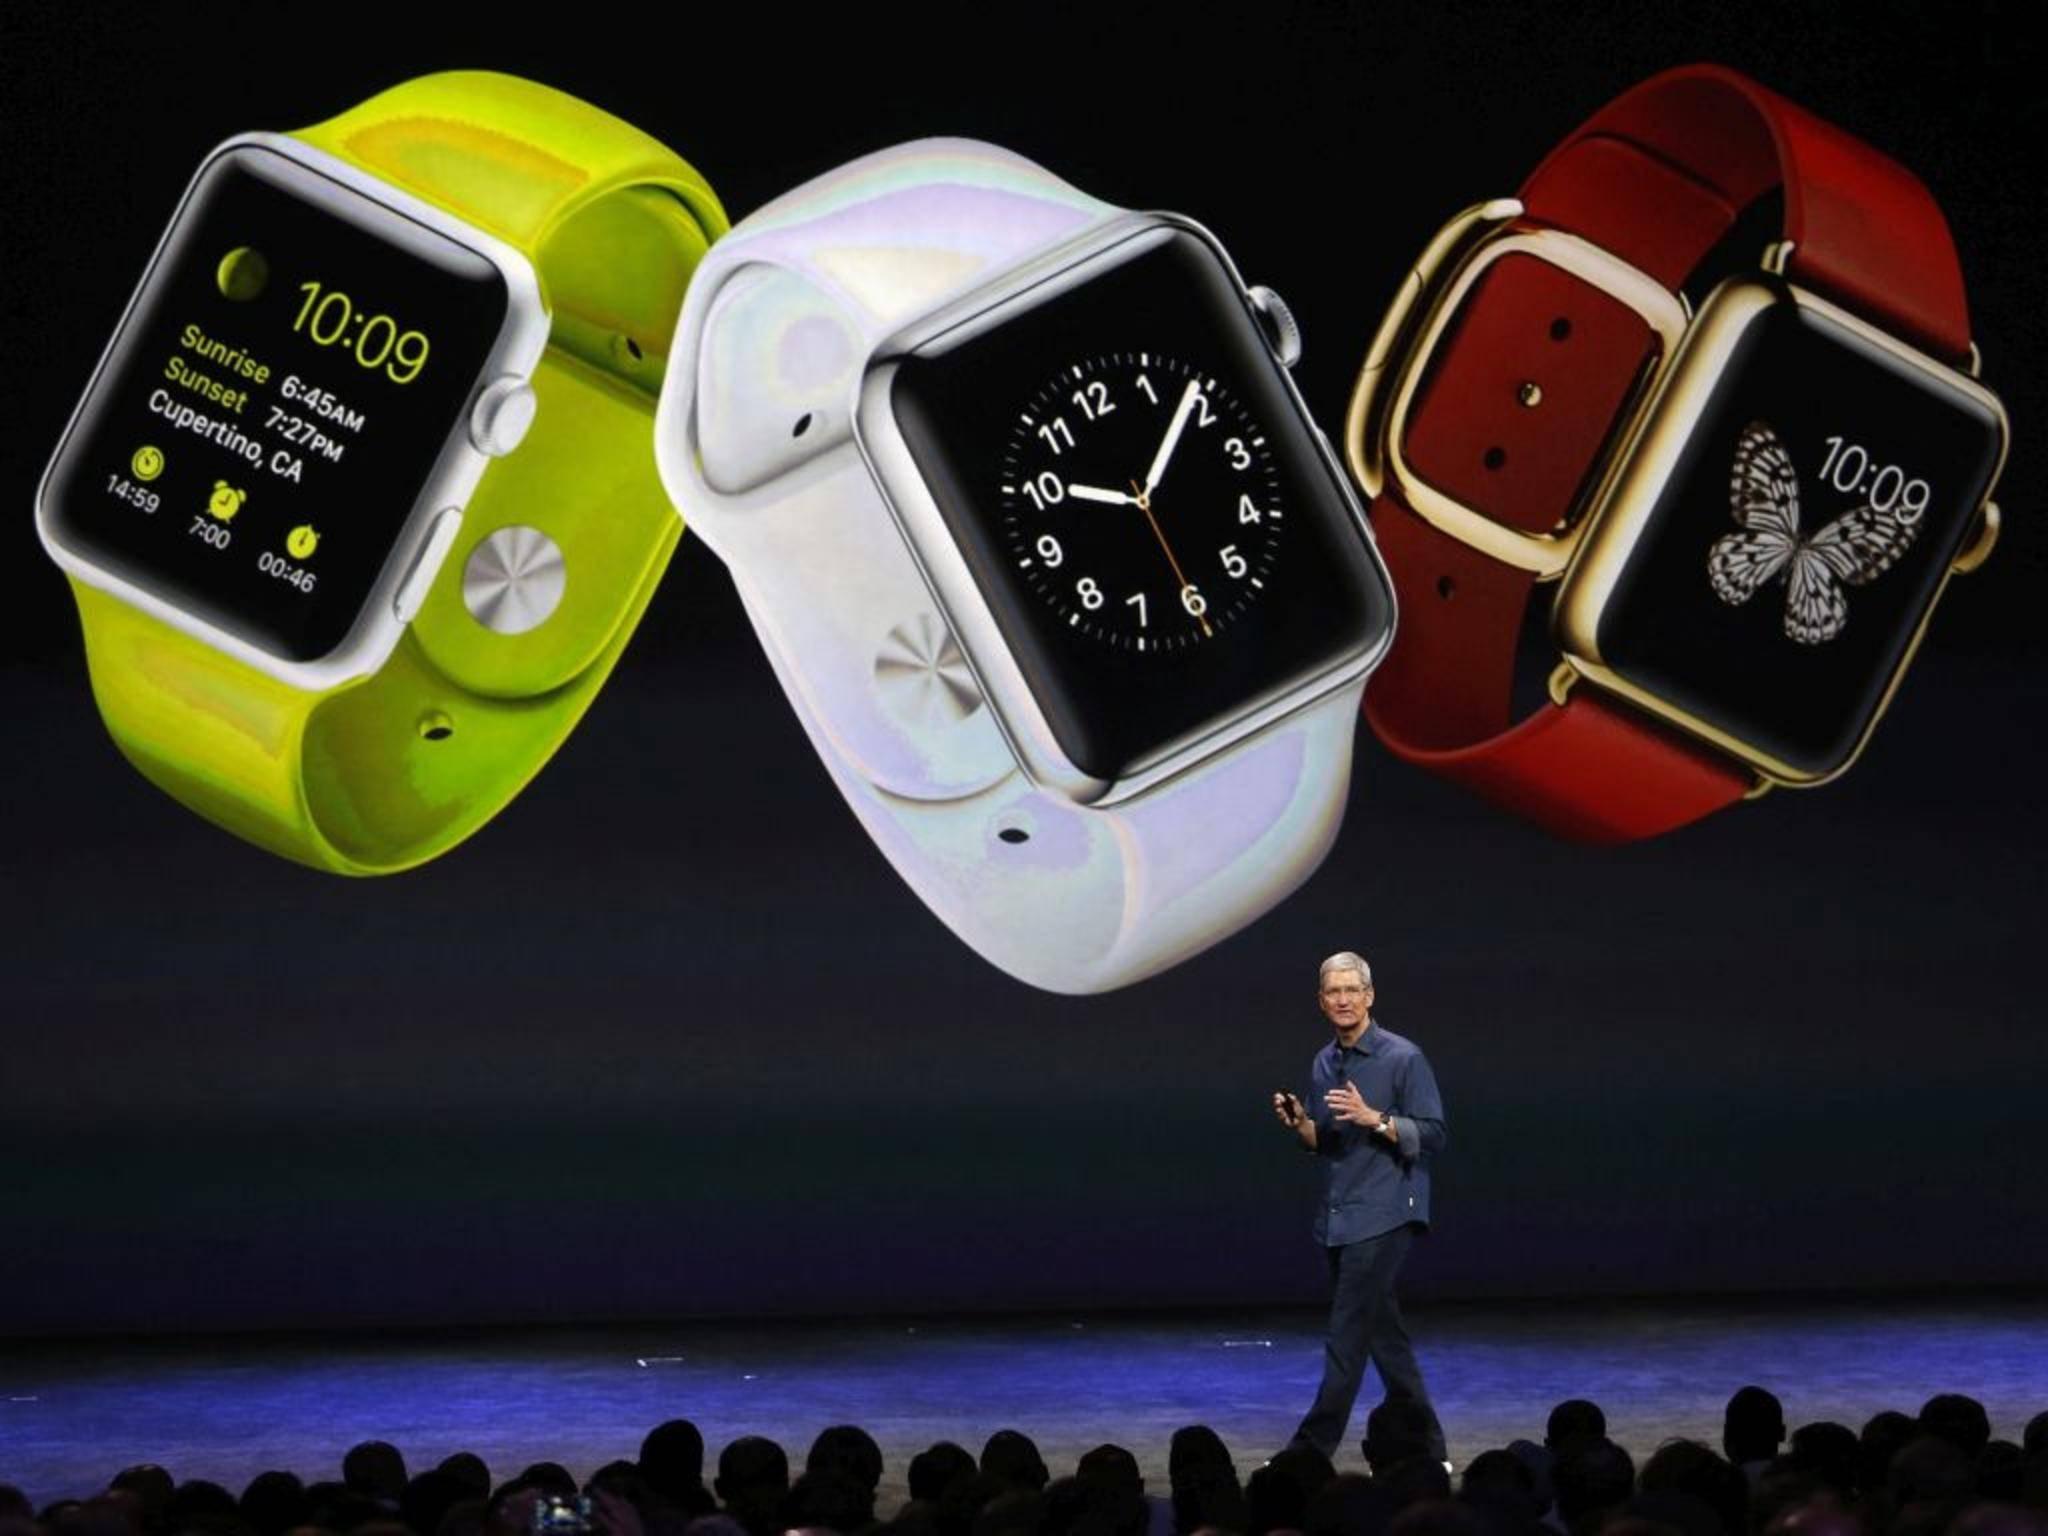 Fans zählen die Tage runter: Im März wird die Apple Watch voraussichtlich erscheinen.